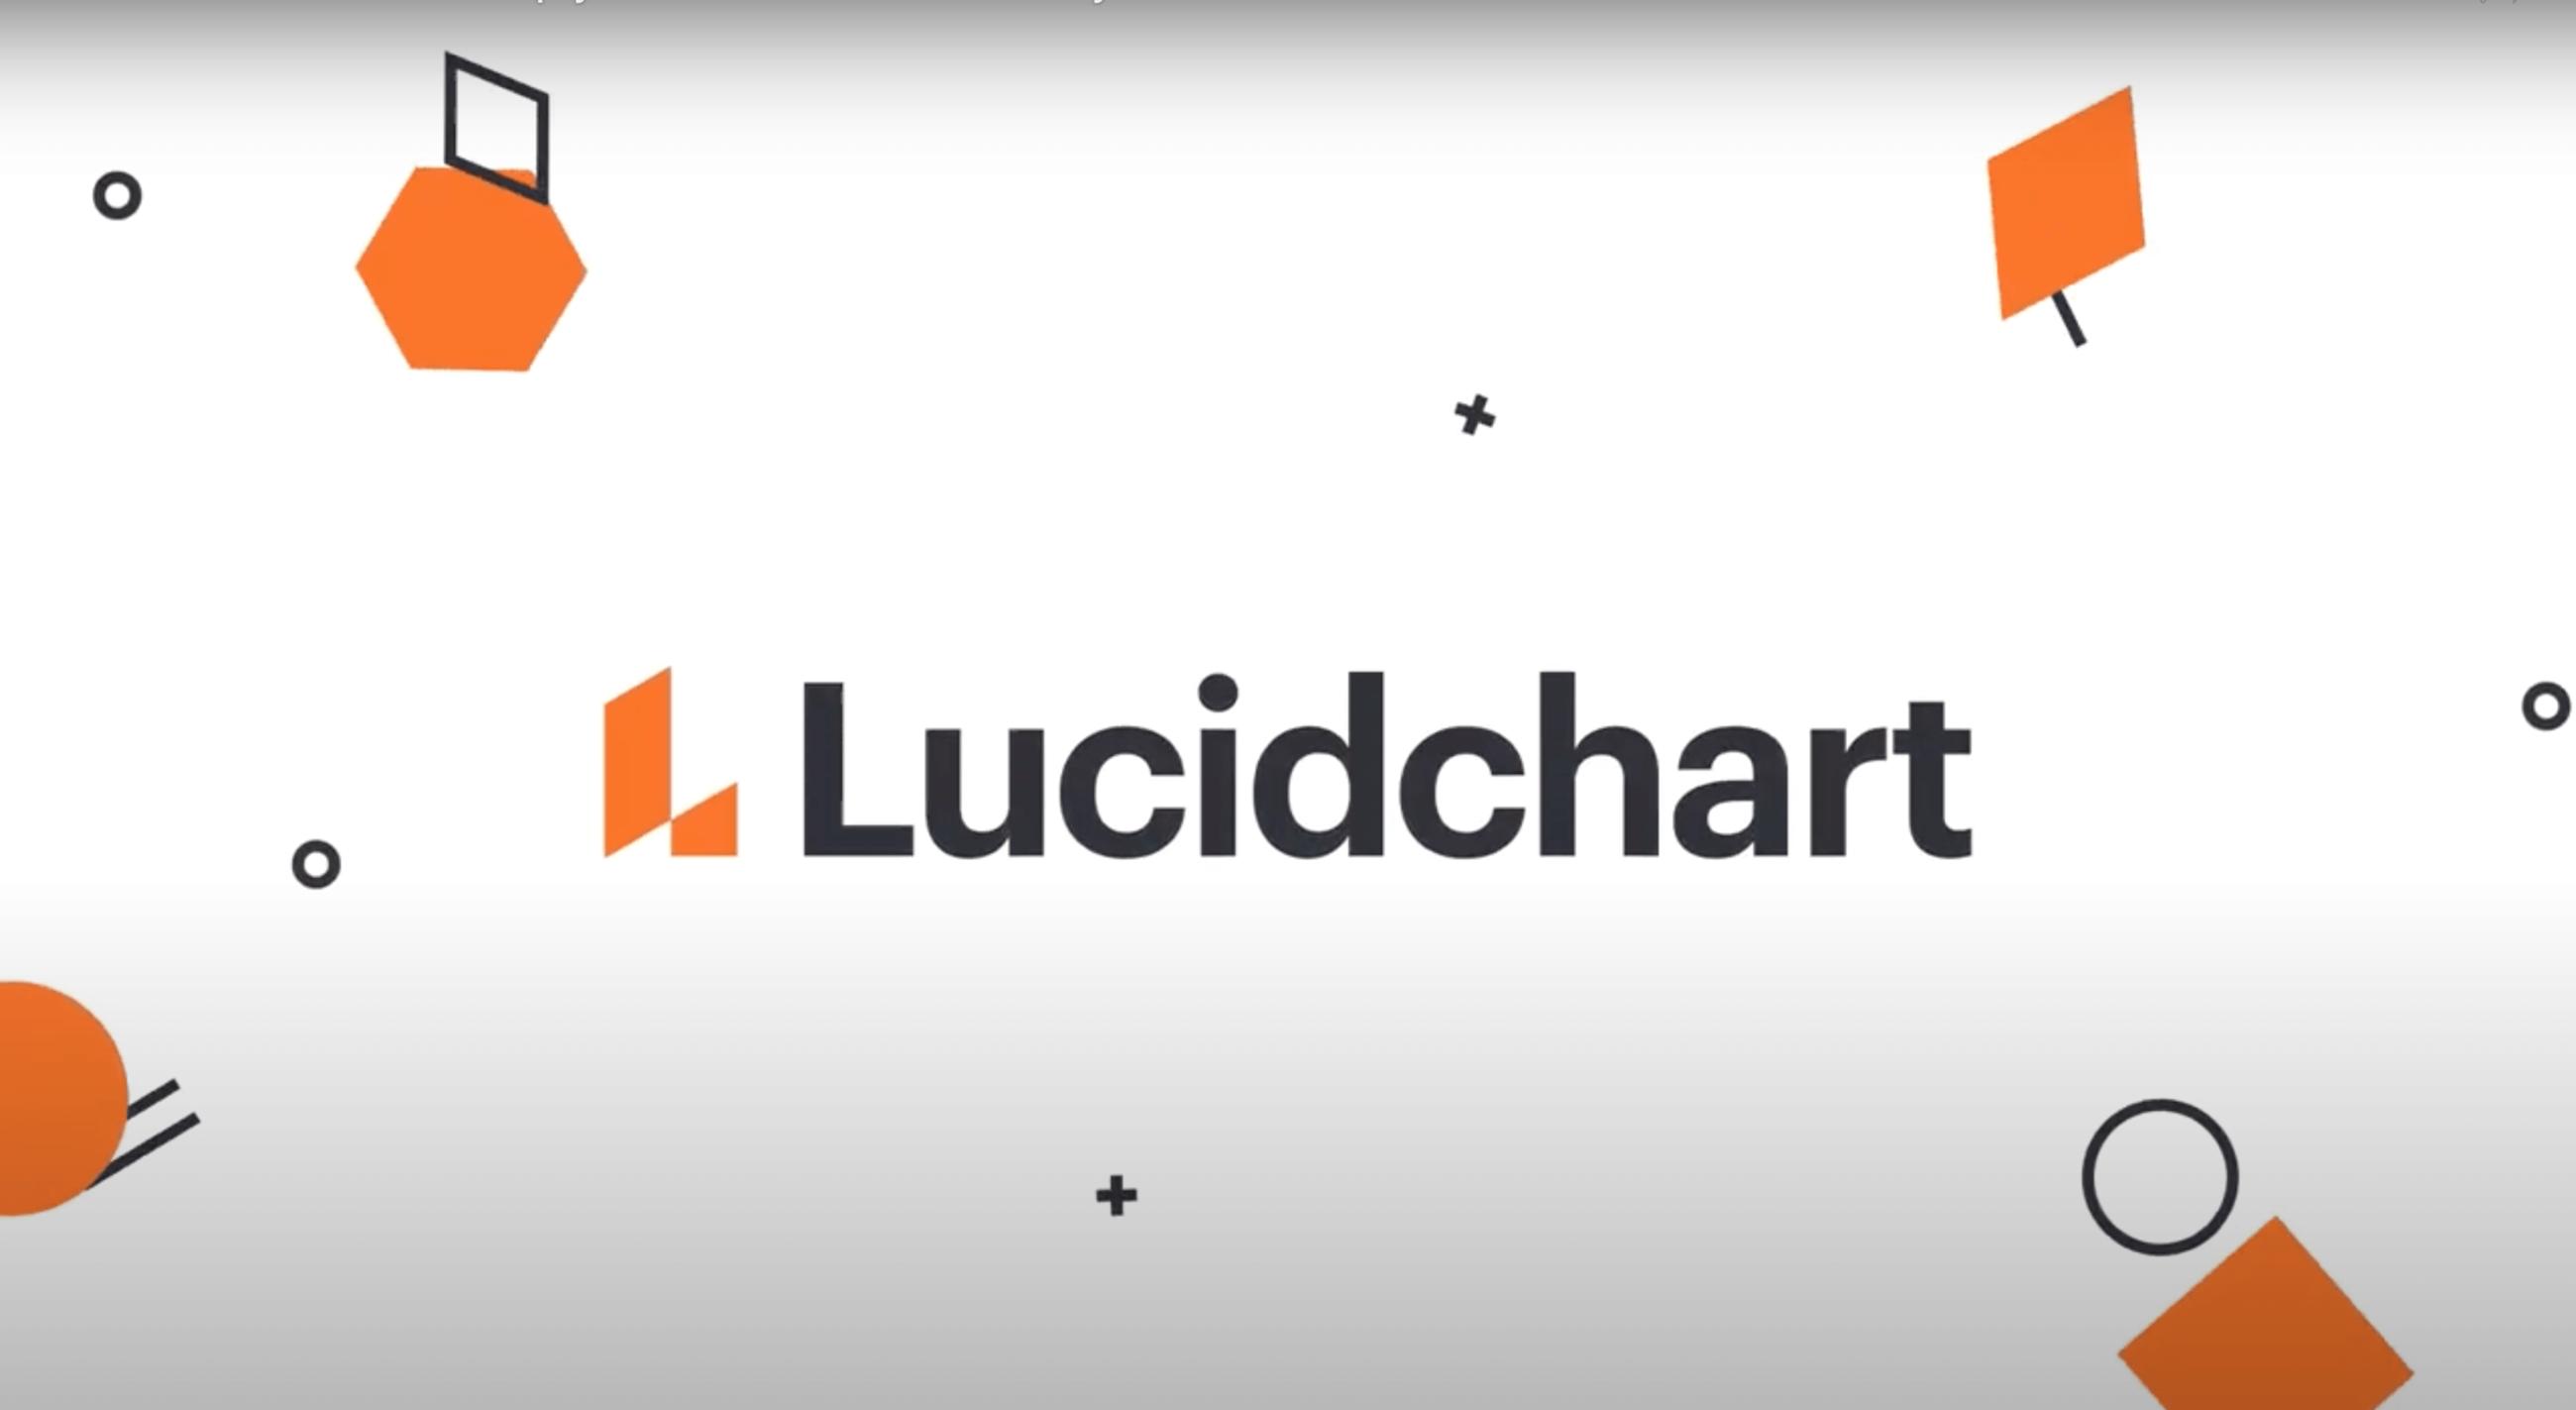 Lucidchartブロック図作成ドローツール